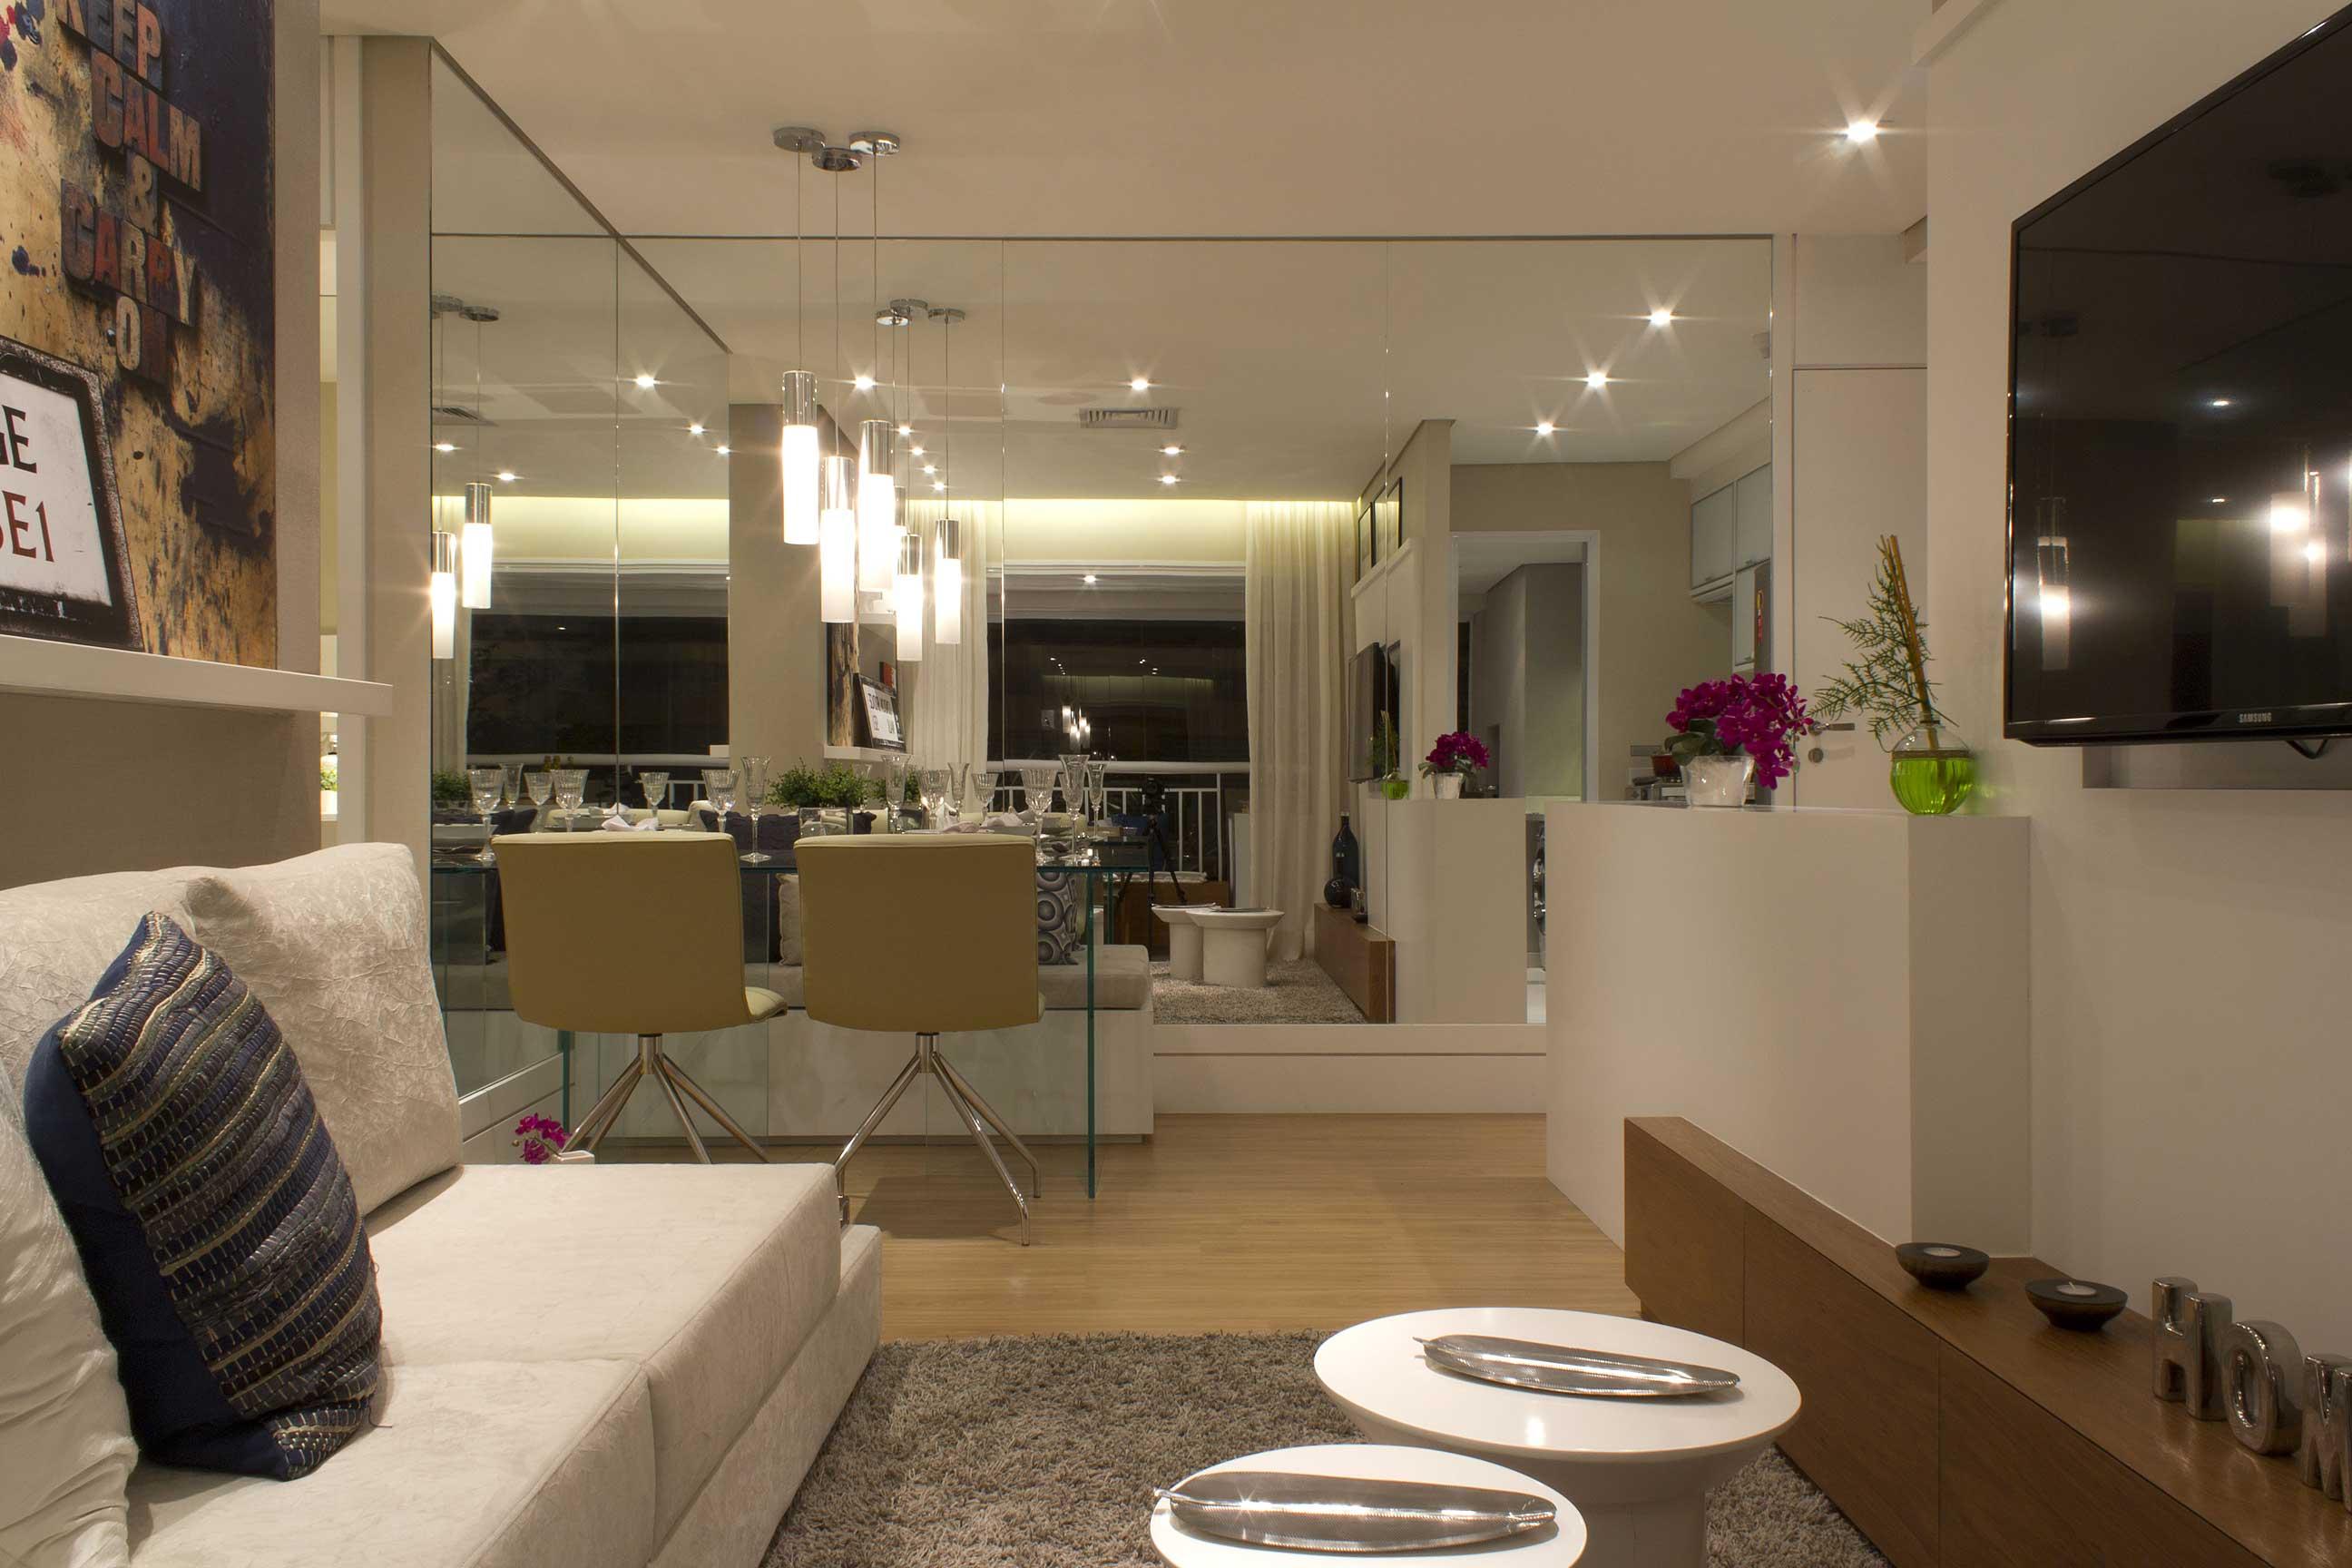 #525E13 Decoração para apartamentos pequenos: truques para aproveitar melhor  2592x1728 píxeis em Como Decorar A Sala De Estar Com Espelho